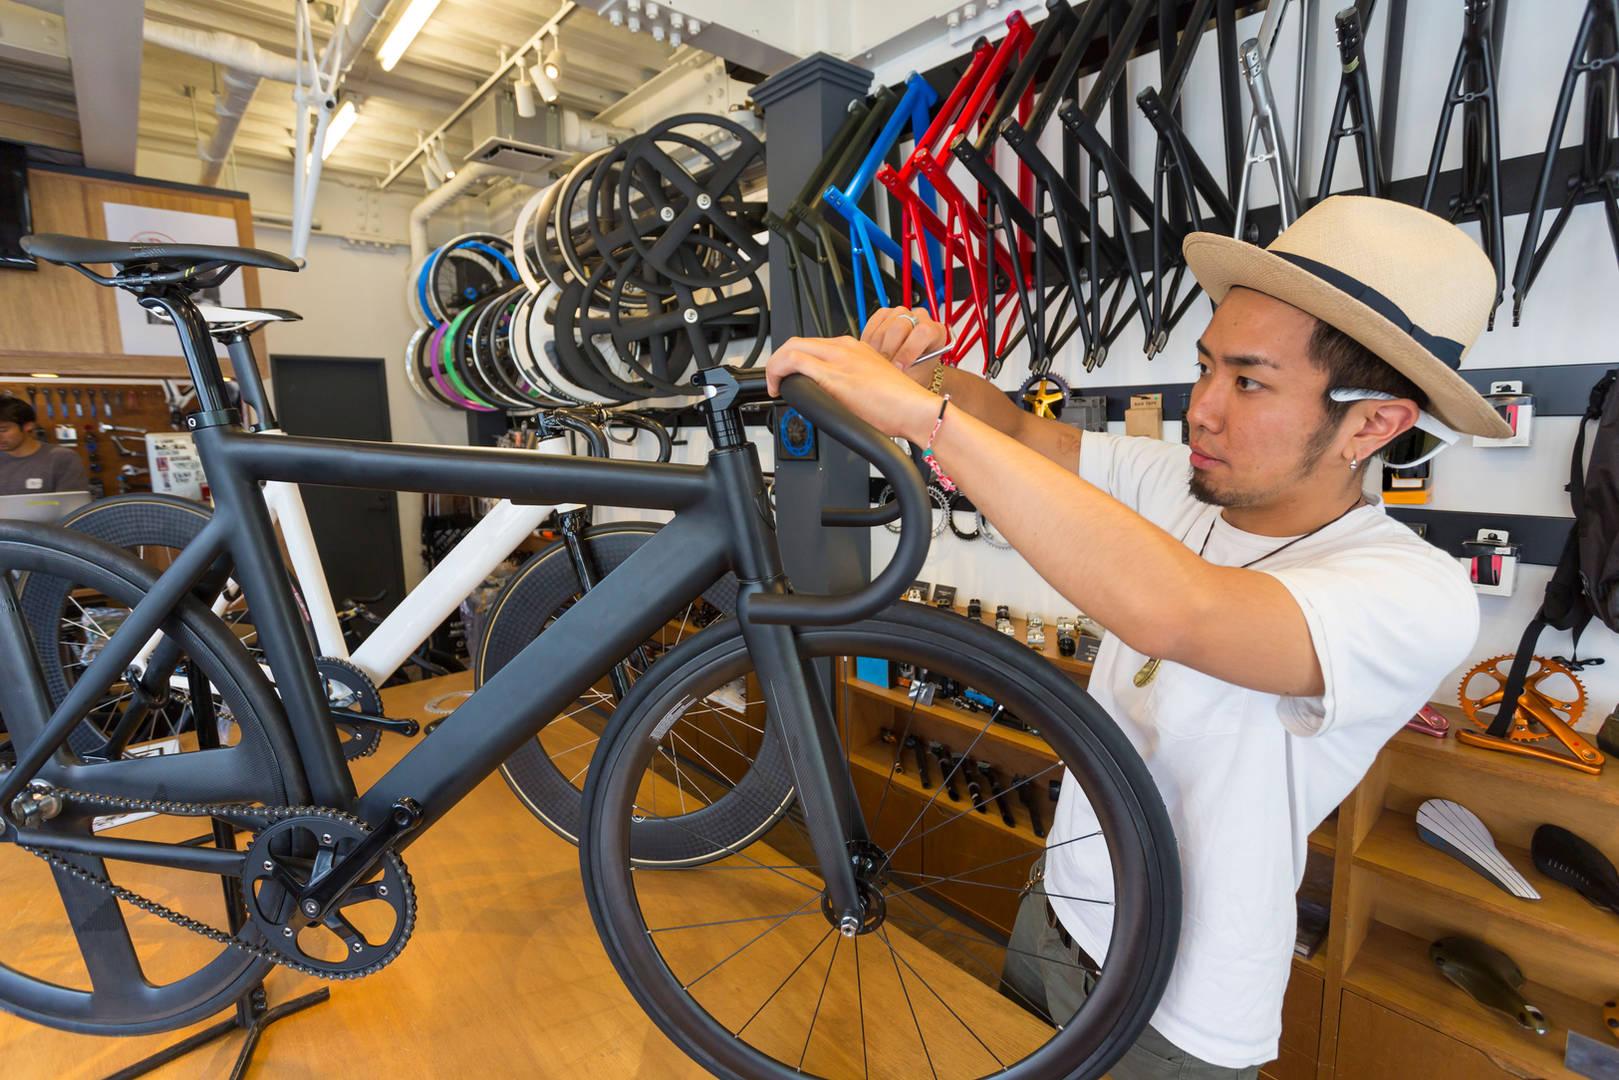 自転車屋の店員